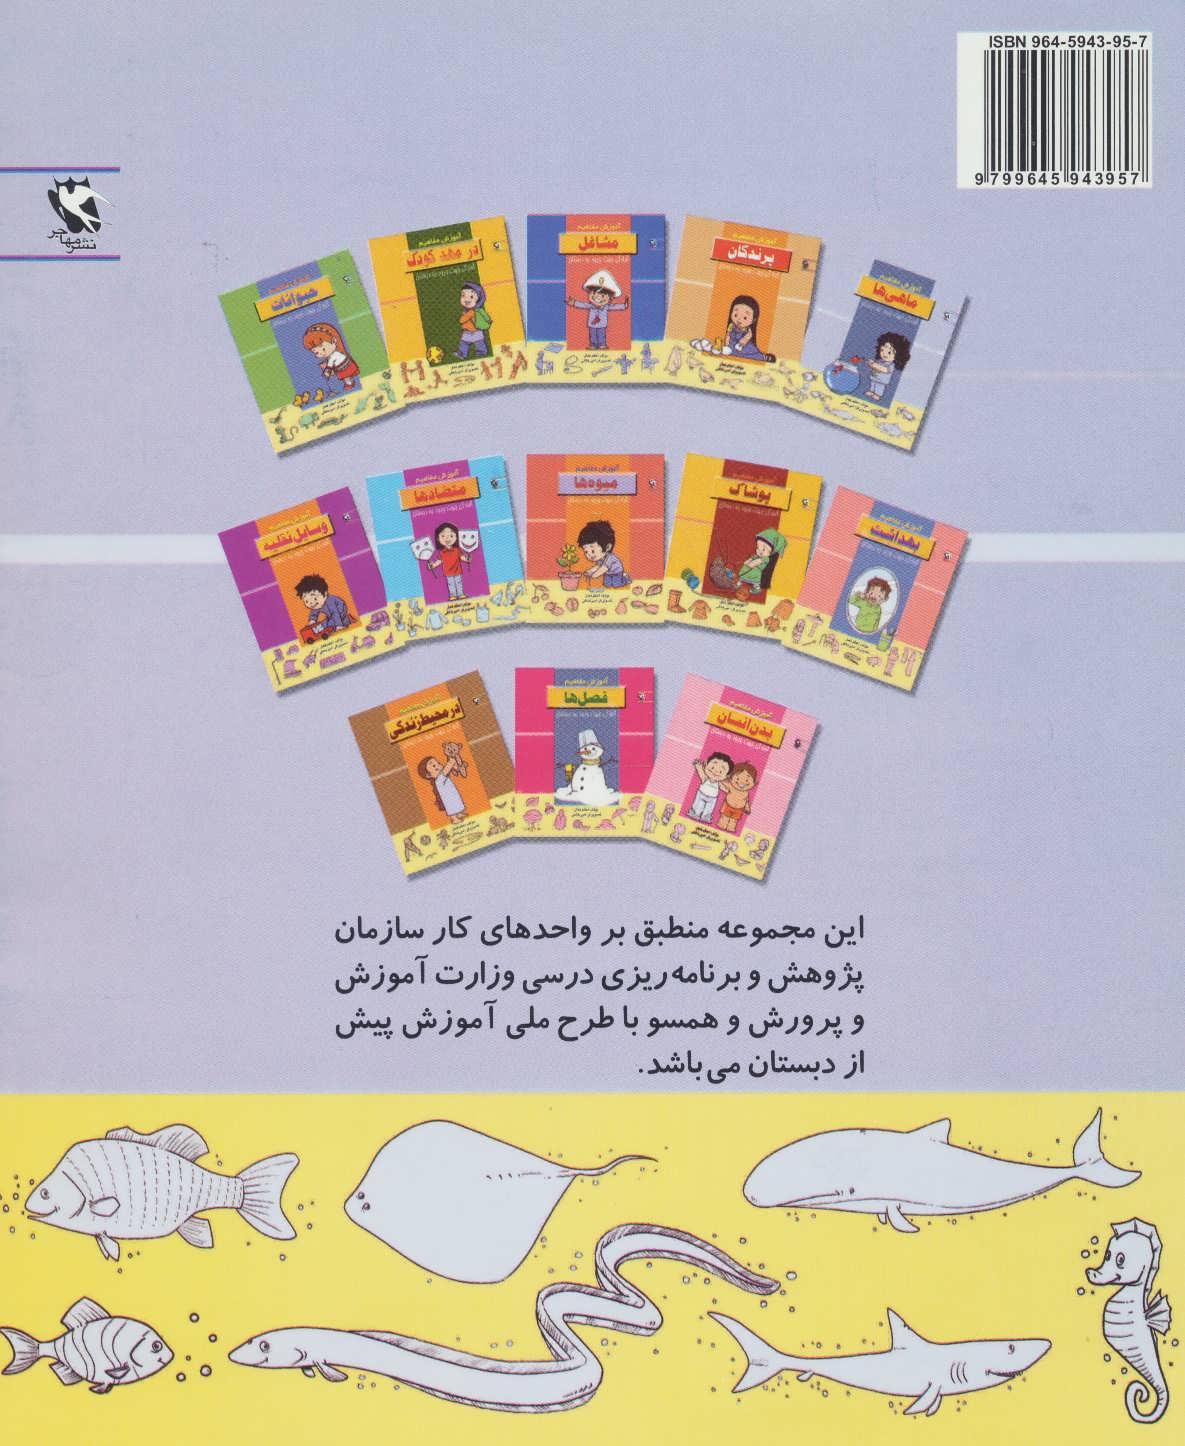 ماهی ها (آموزش مفاهیم:آمادگی جهت ورود به دبستان)